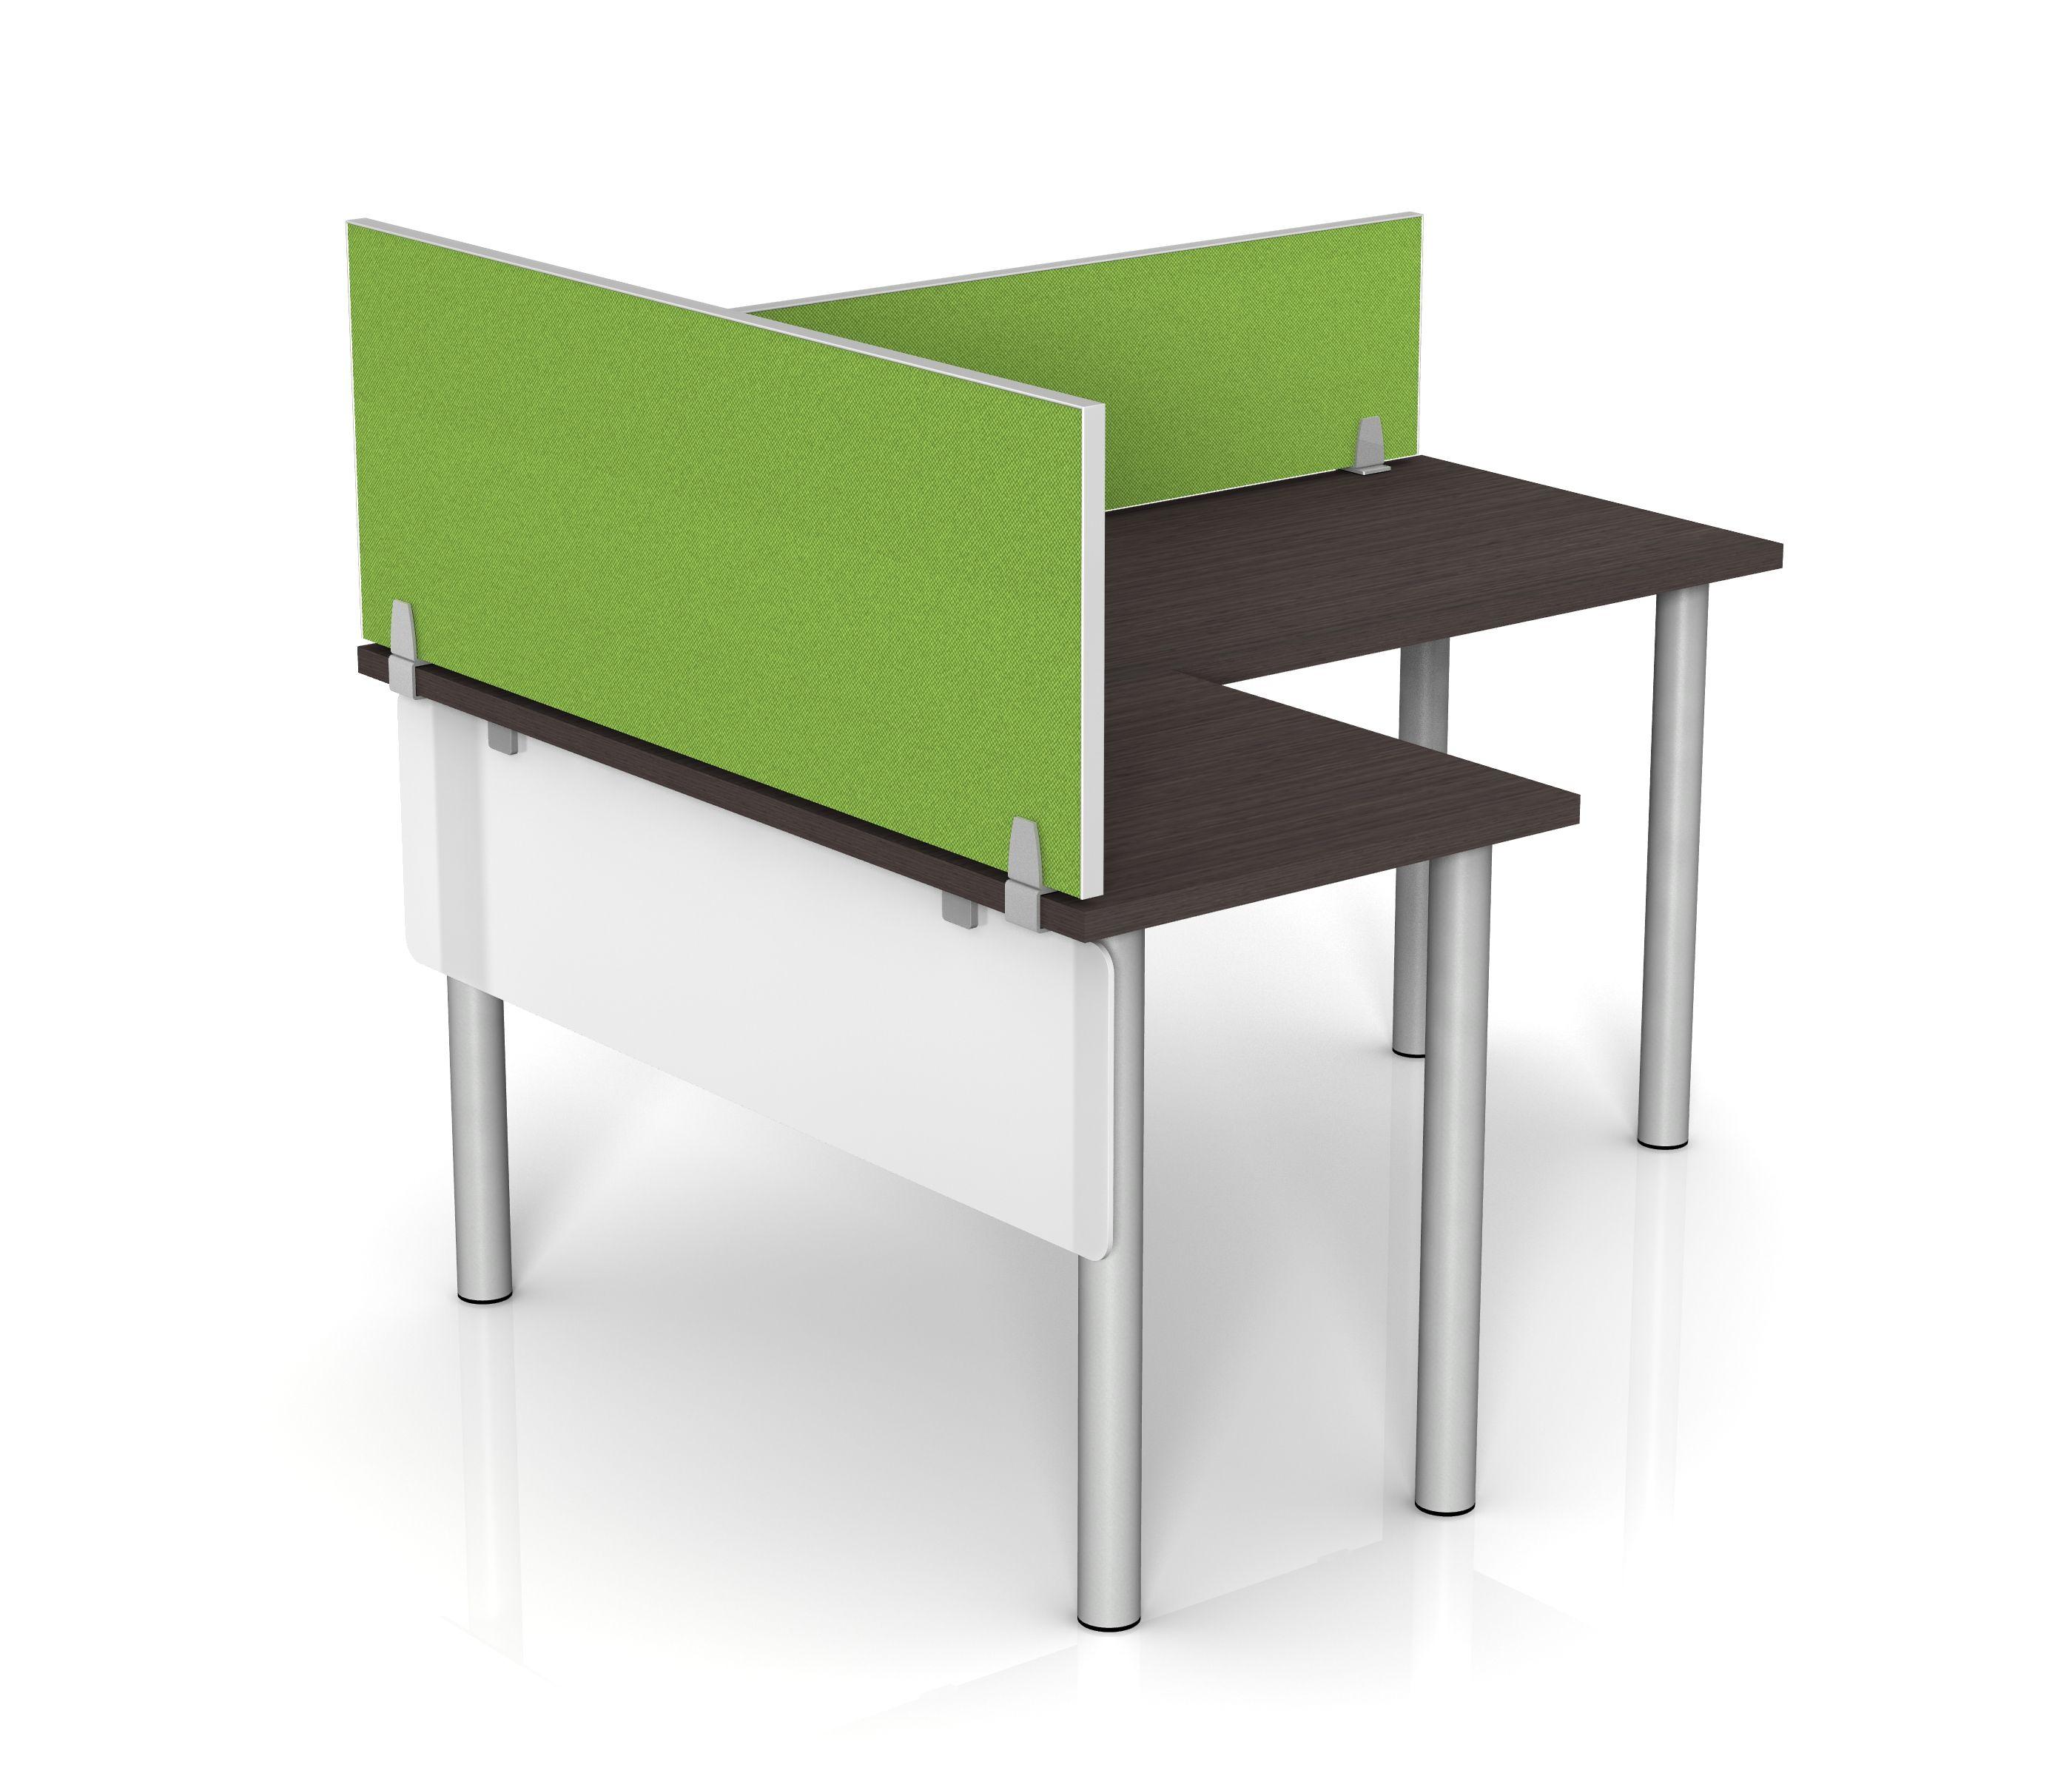 Desk Dividers By Mergeworks Desk Dividers Workspace Desk Privacy Panels